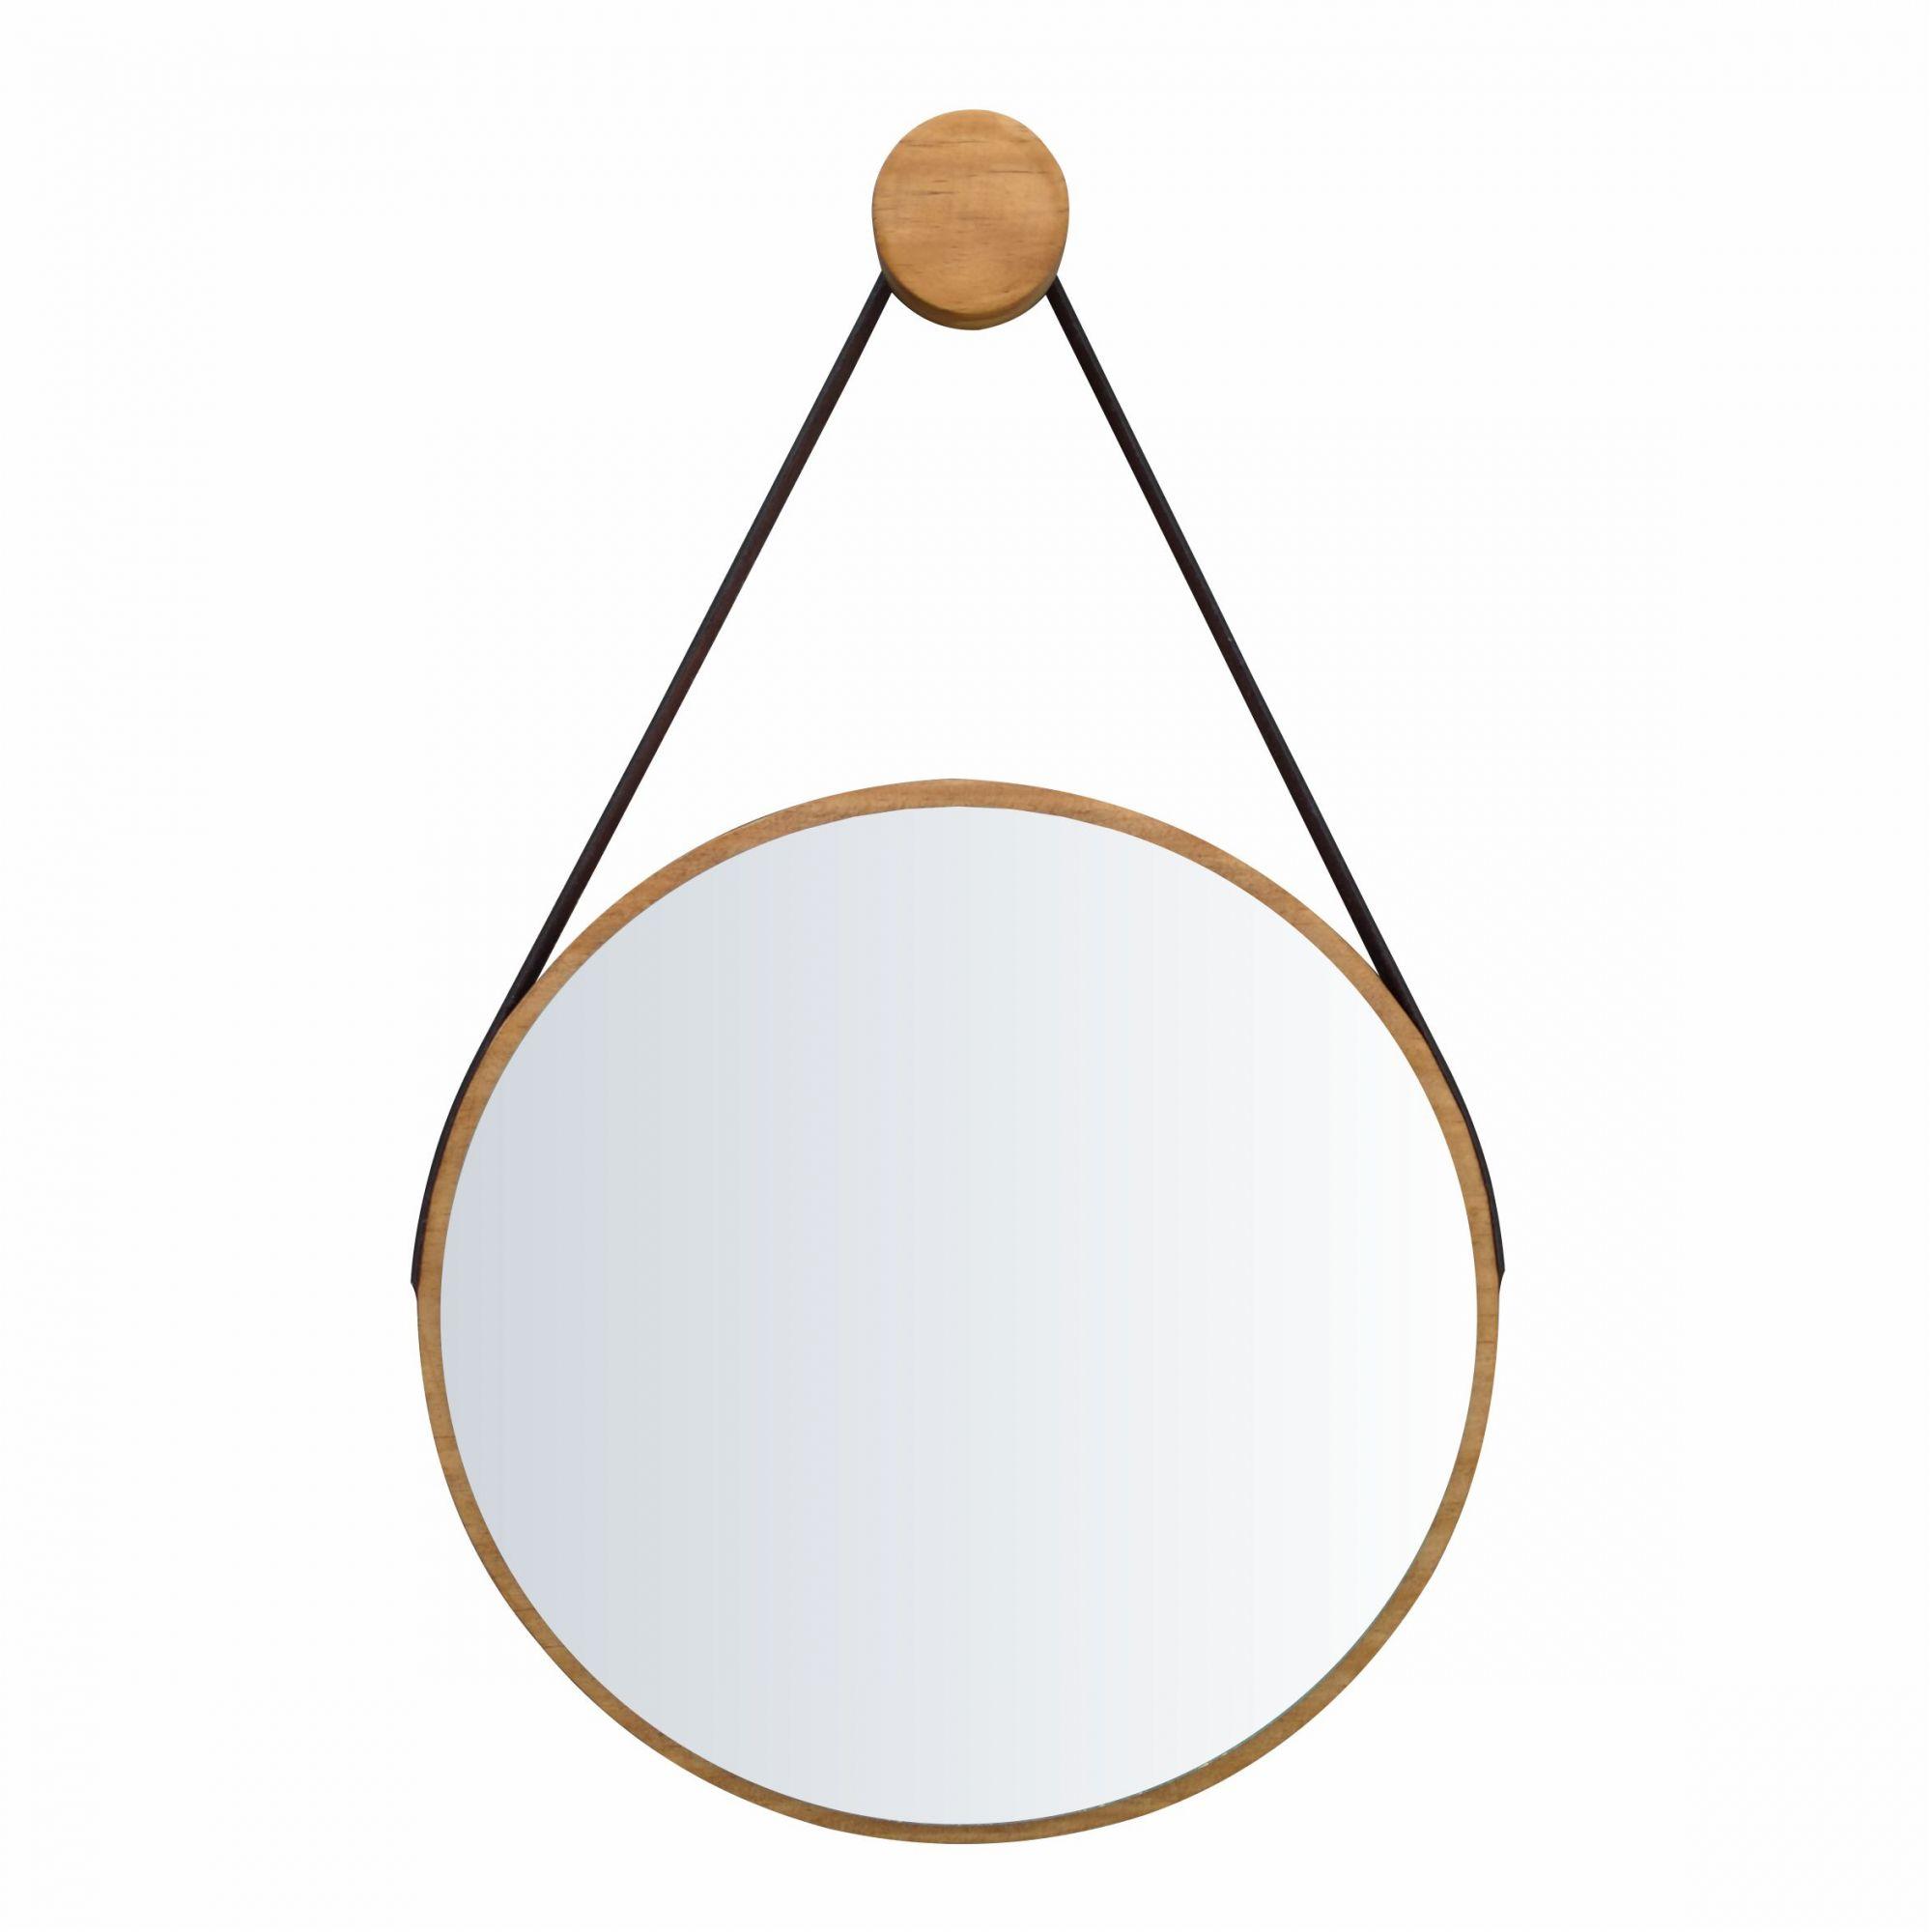 Espelho Escandinavo Minimalista de Madeira e Alça Rústico